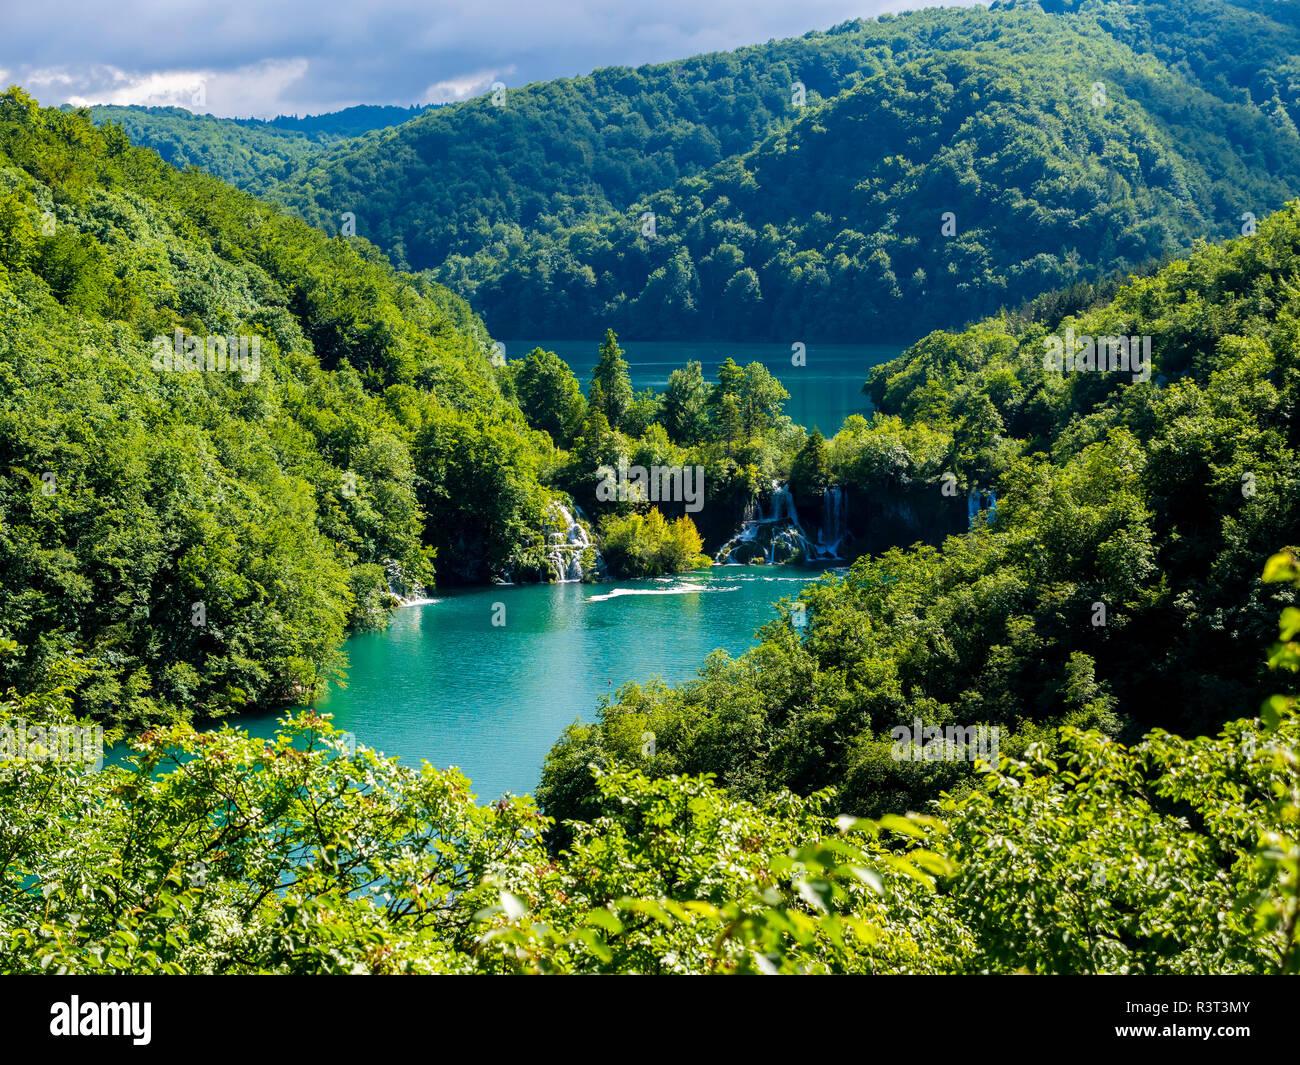 Europa, Kroatien, Lika-Senj, Osredak, Plitvica Selo,  UNESCO-Weltnaturerbe, Nationalpark Plitvicer Seen - Stock Image